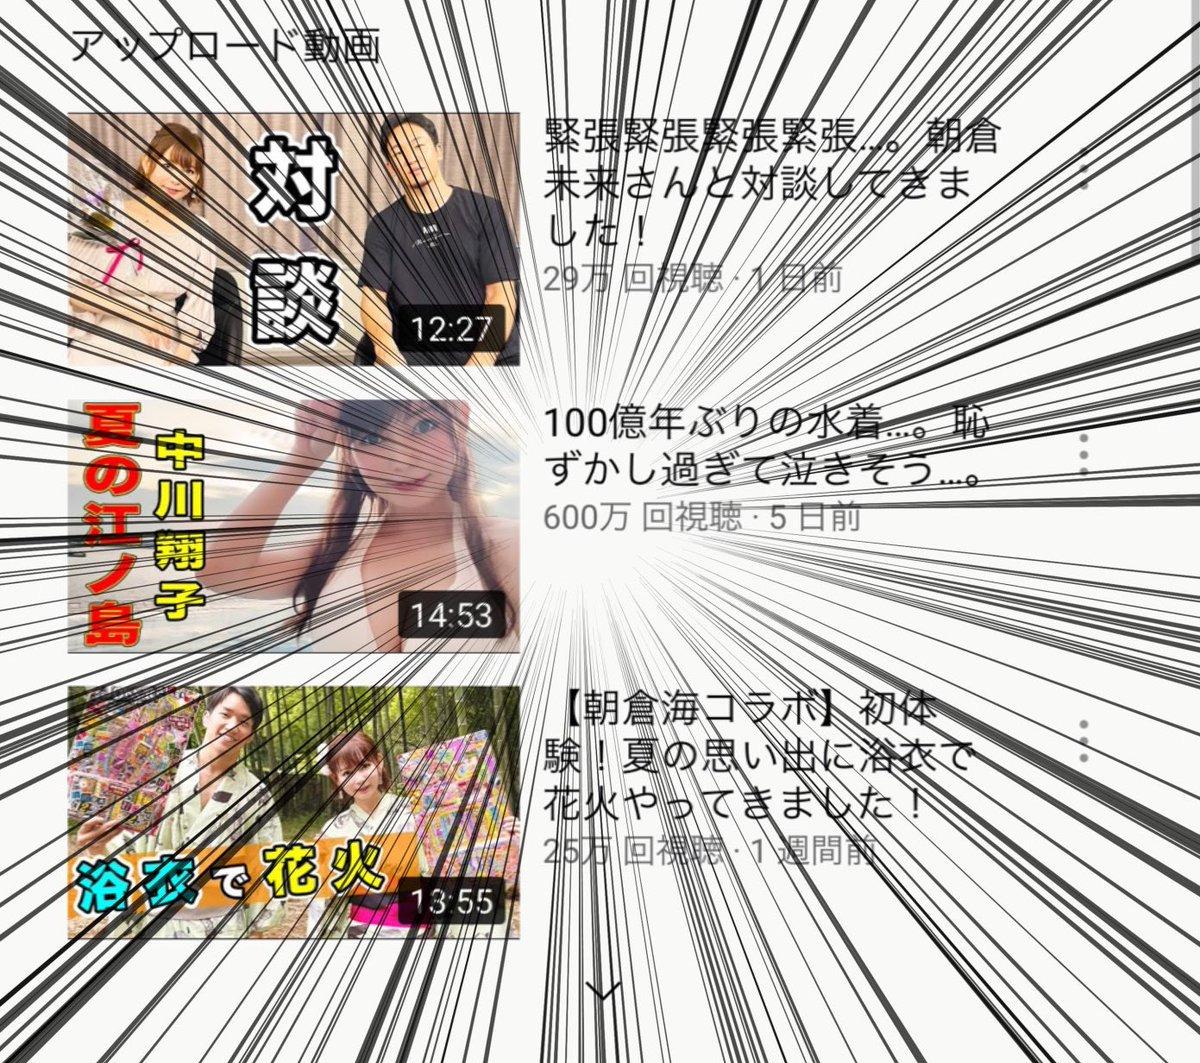 中川翔子「わああああああ ビキニ動画が5日で600万再生!凄すぎる嬉し泣きした」